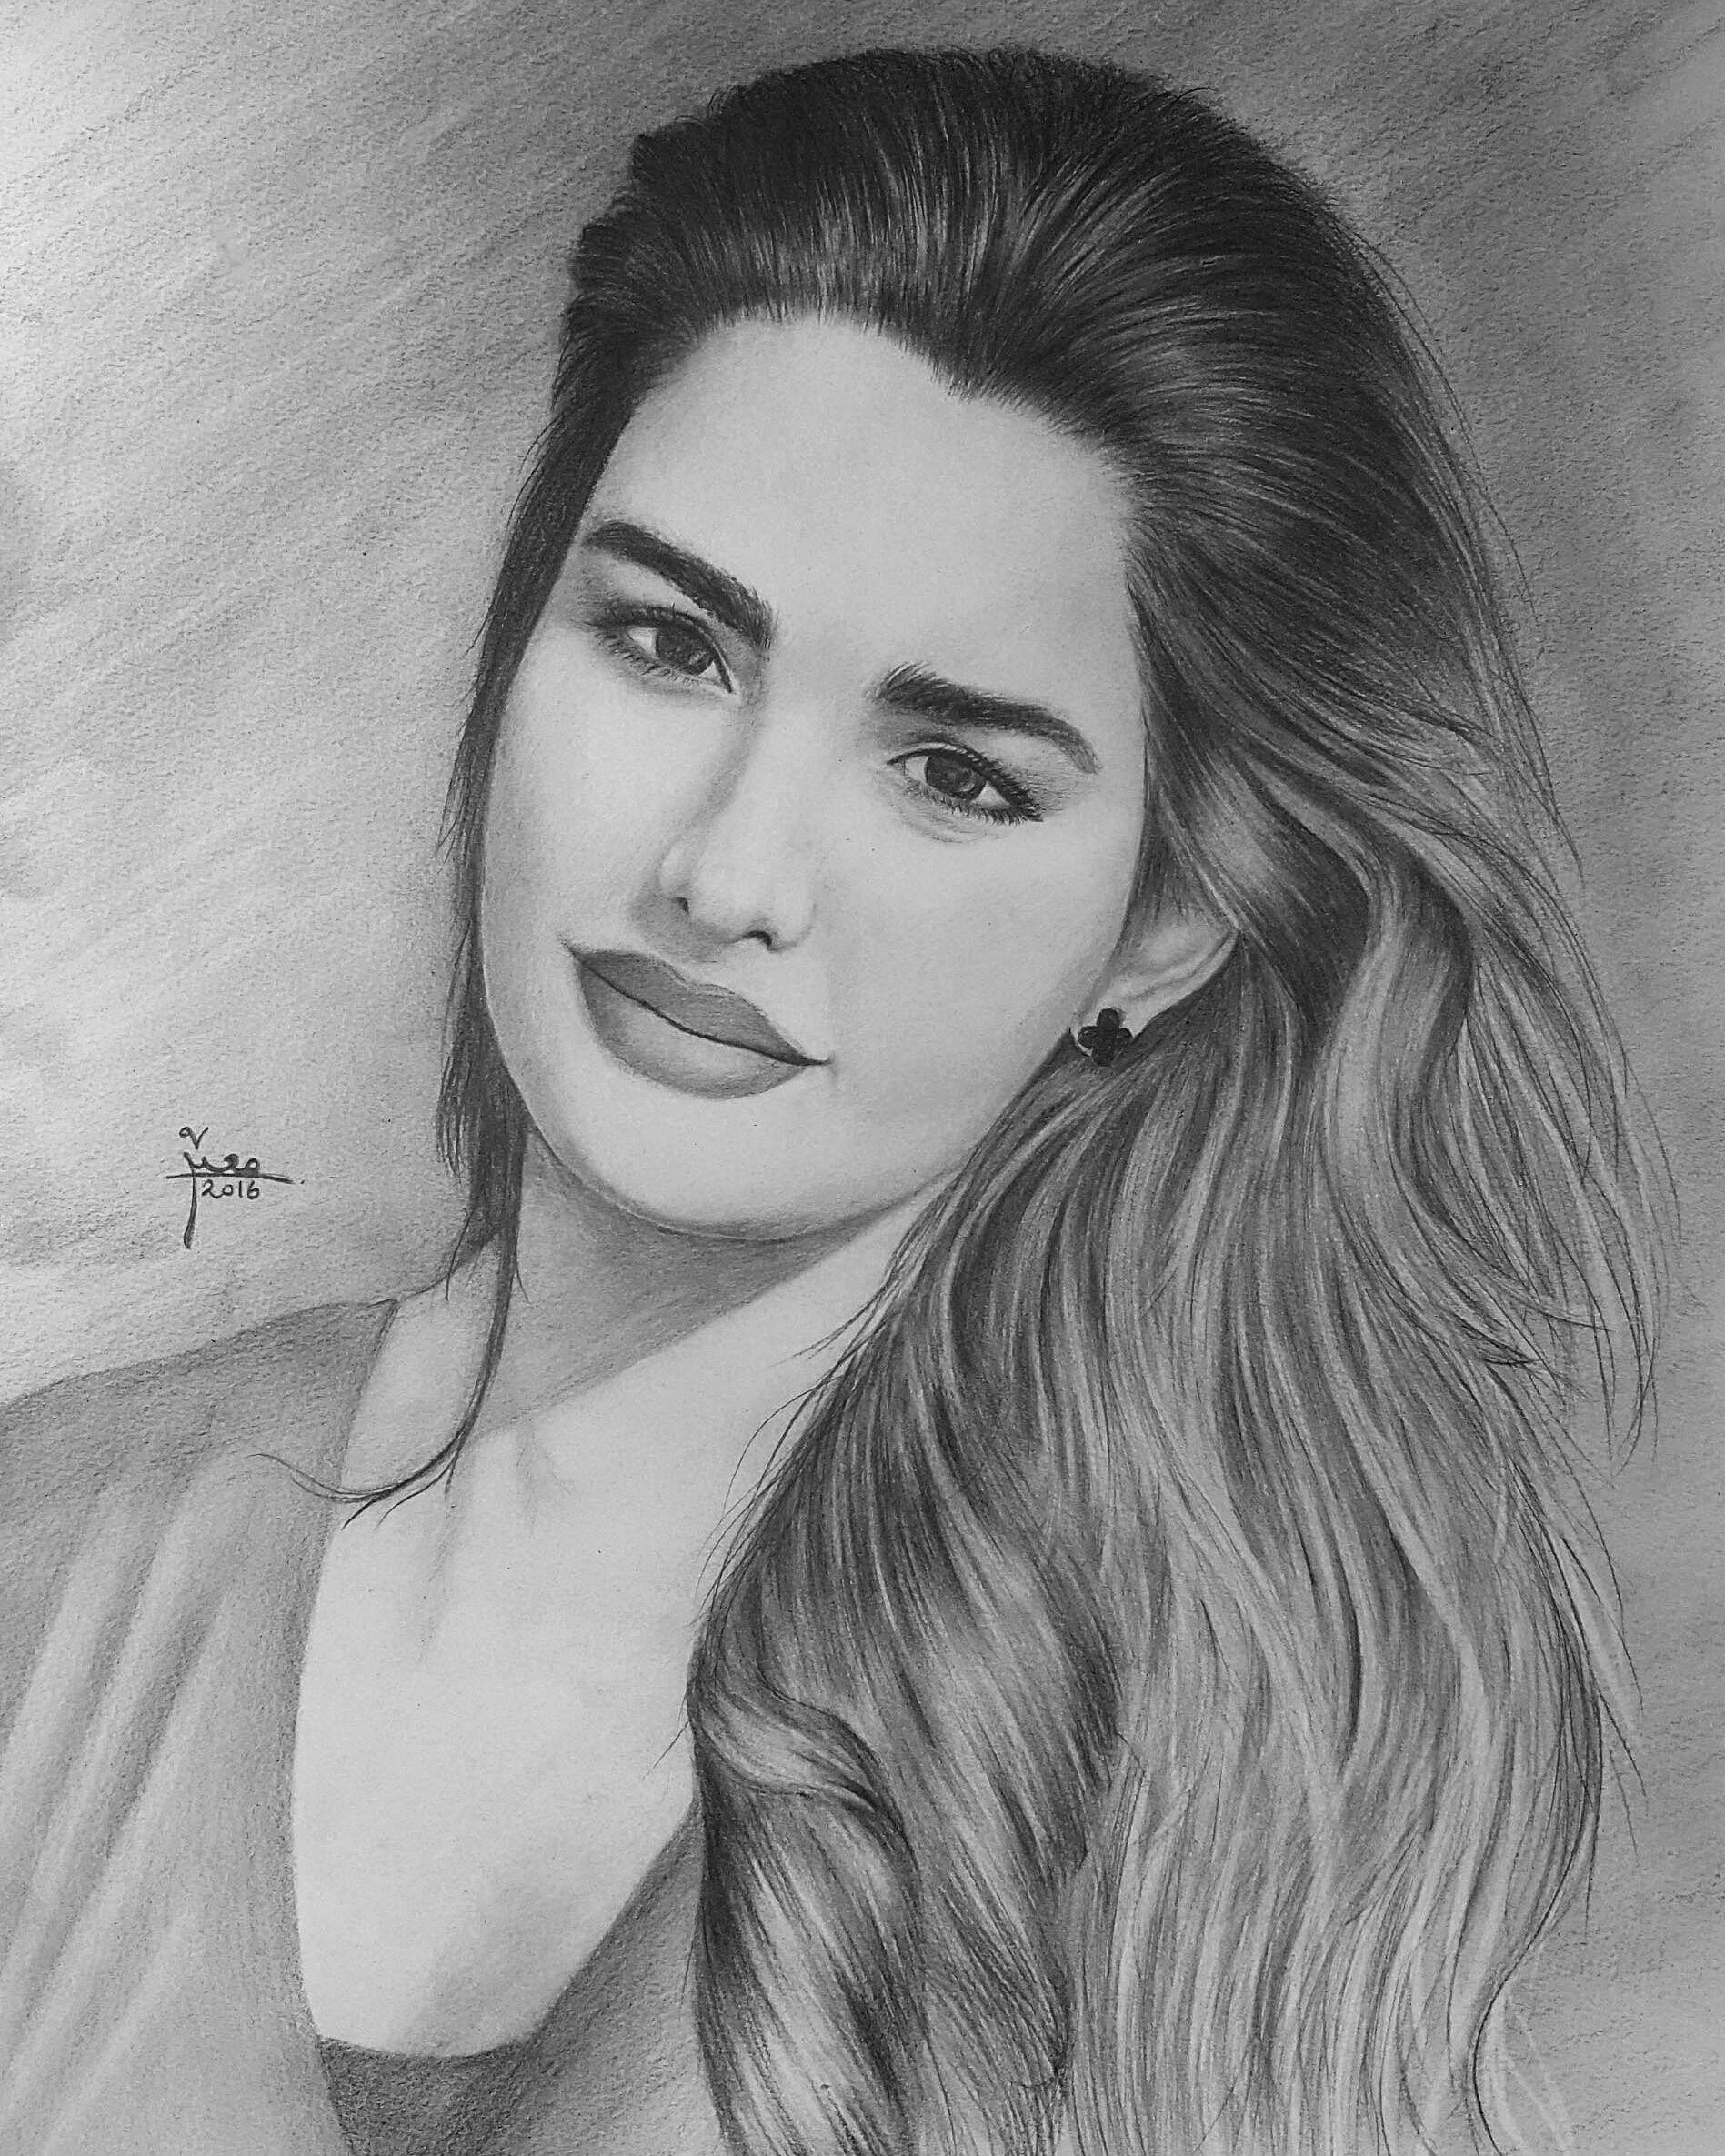 بورتريه Female Sketch Art Female